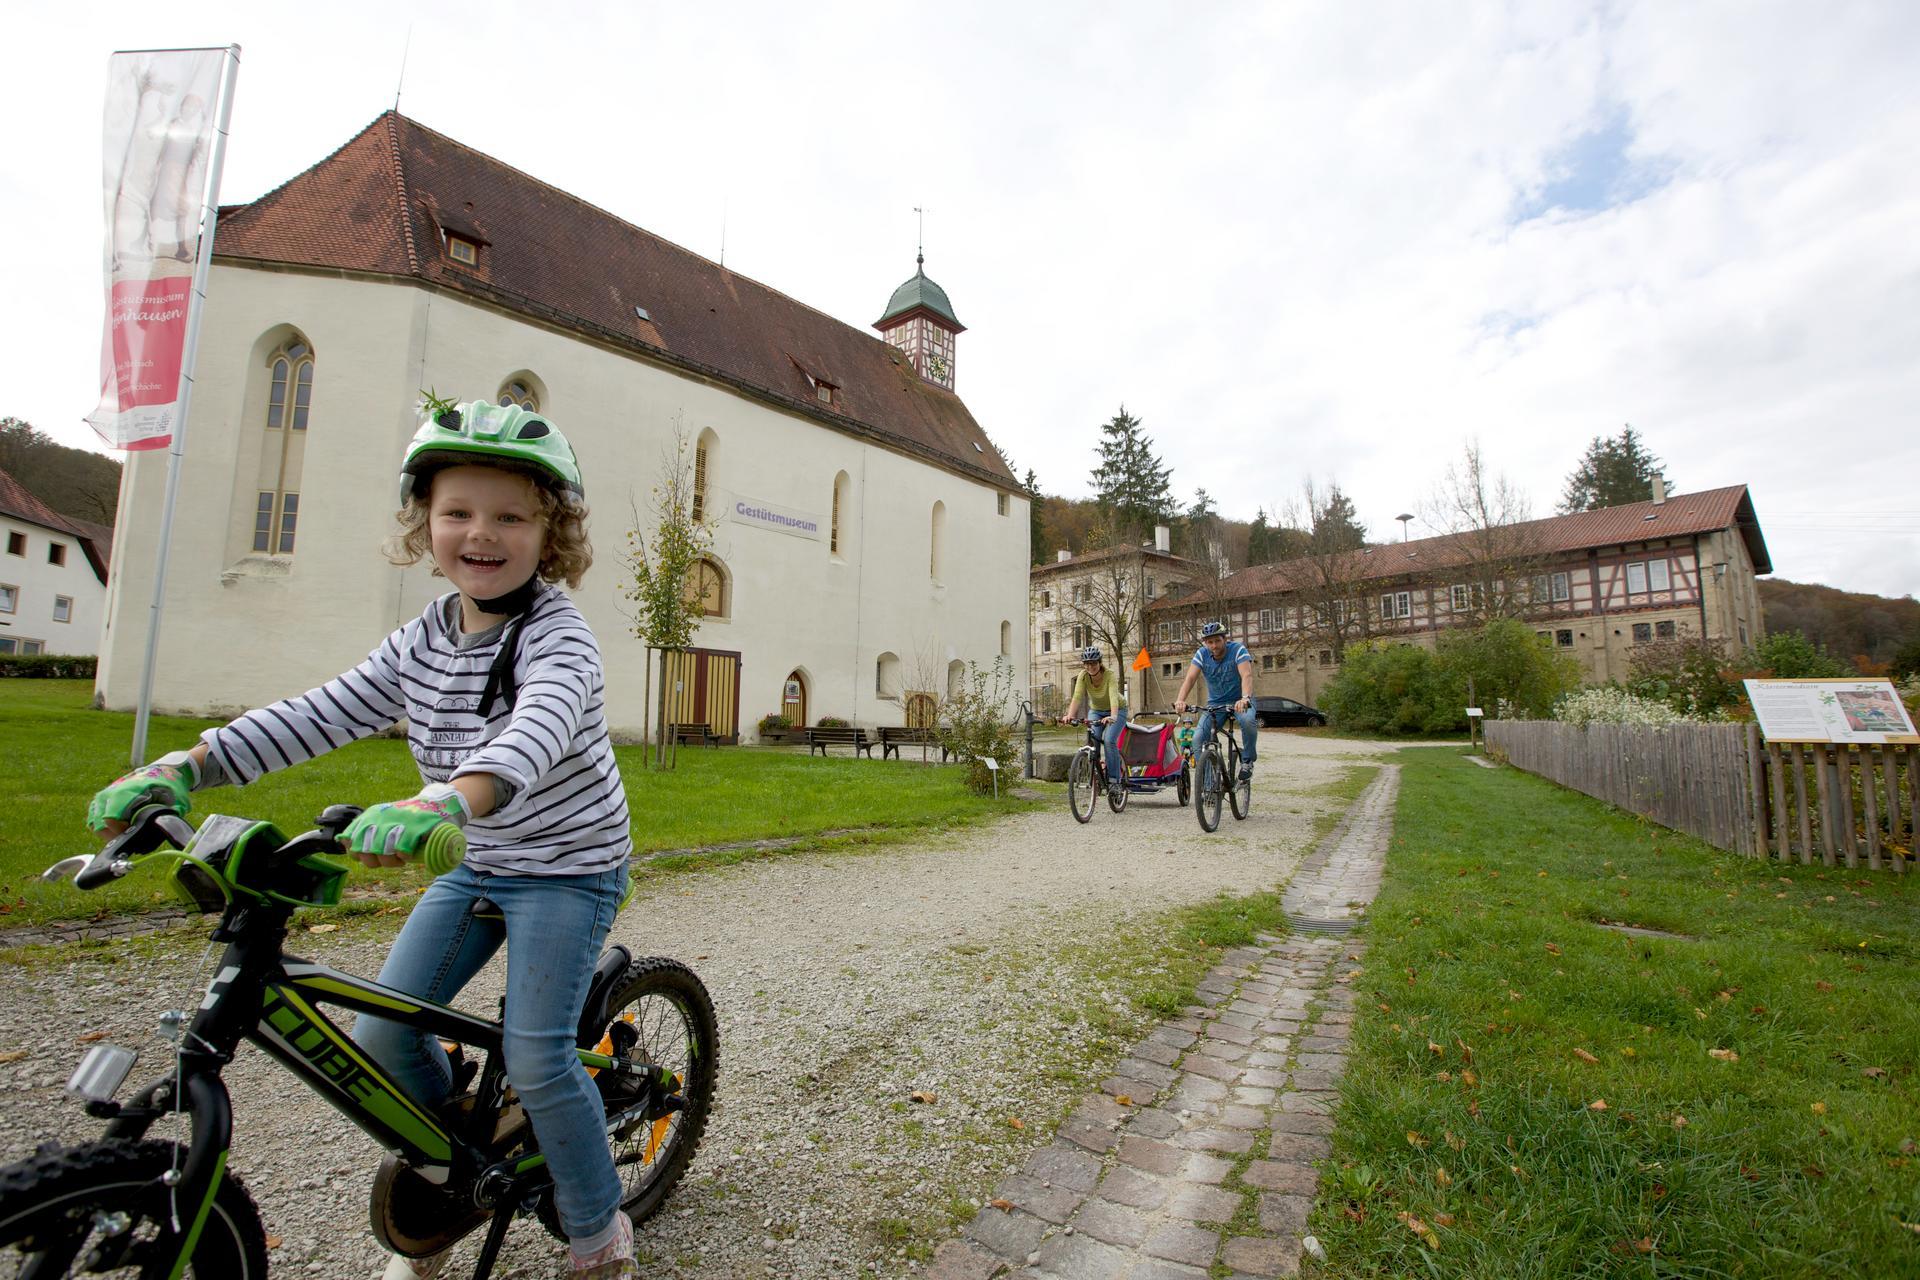 Ein Kind auf einem Fahrrad lacht in die Kamera. Hinter ihm kommen zwei Erwachsene ebenfalls mit dem Fahrrad und einem Kinderanhänger. Im Hintergrund sind große historische Gebäude und ein langer Gartenzaun.